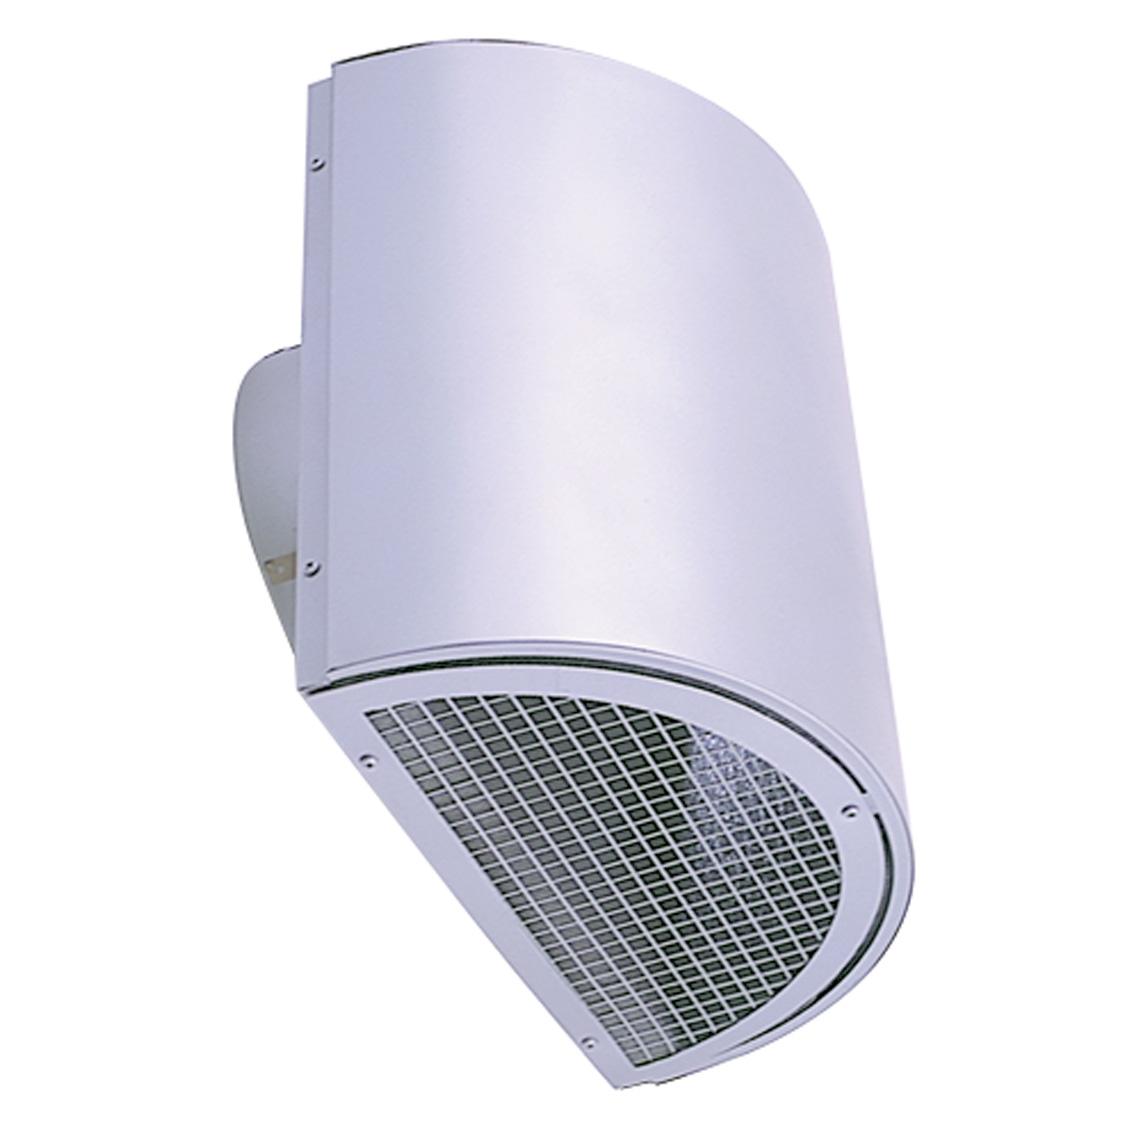 西邦工業 SEIHO NFN150BS 受注生産 防音型製品(ステンレス製換気口) 金網型3メッシュ 防音タイプ